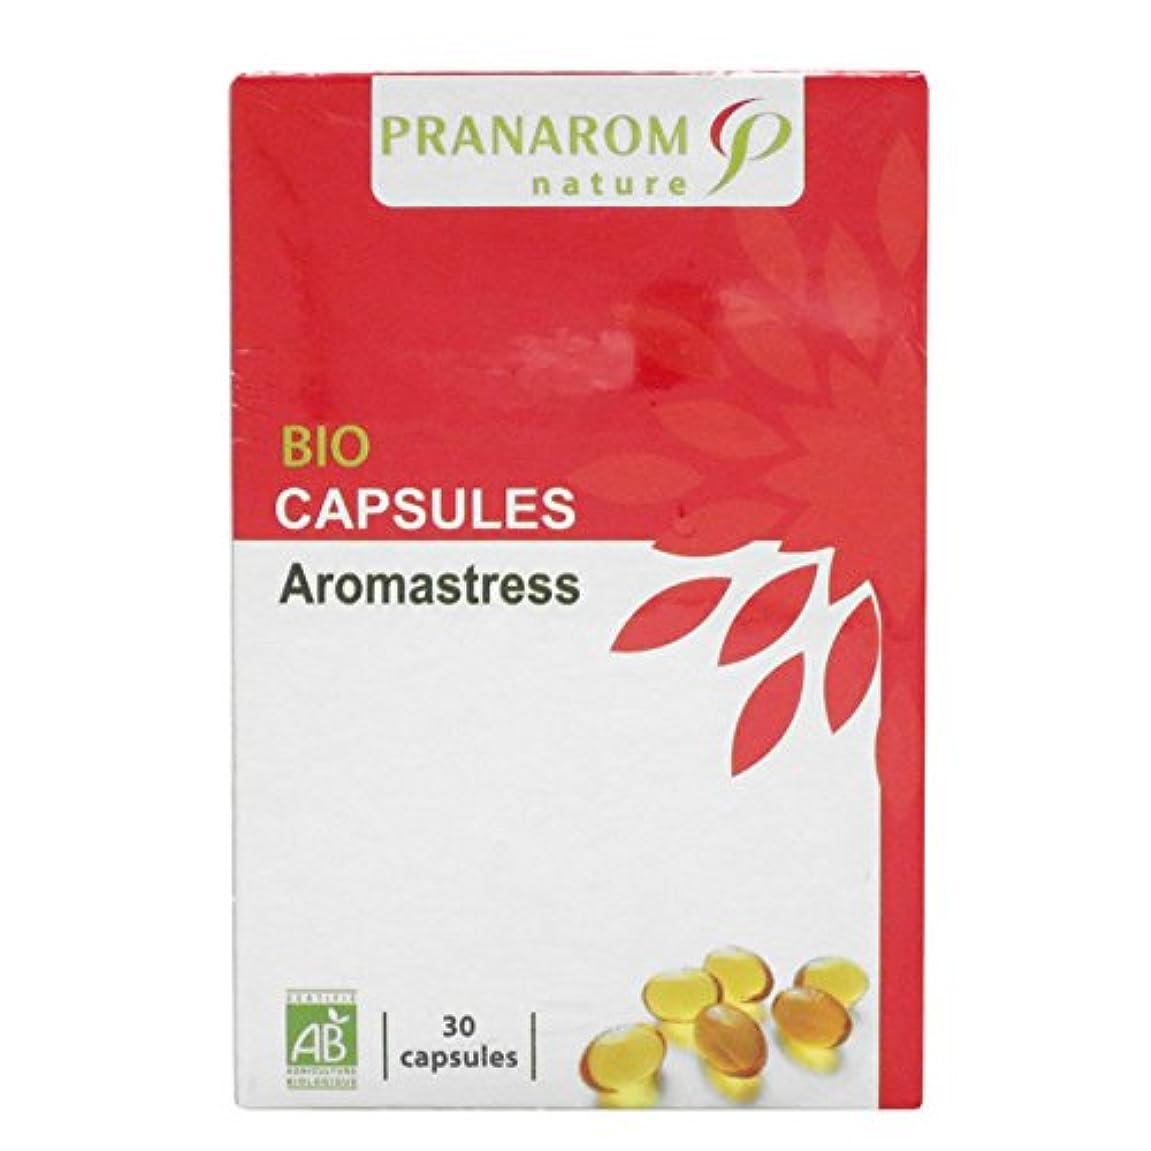 最高気分注ぎますプラナロム アロマストレスカプセル 30粒 (PRANAROM サプリメント)